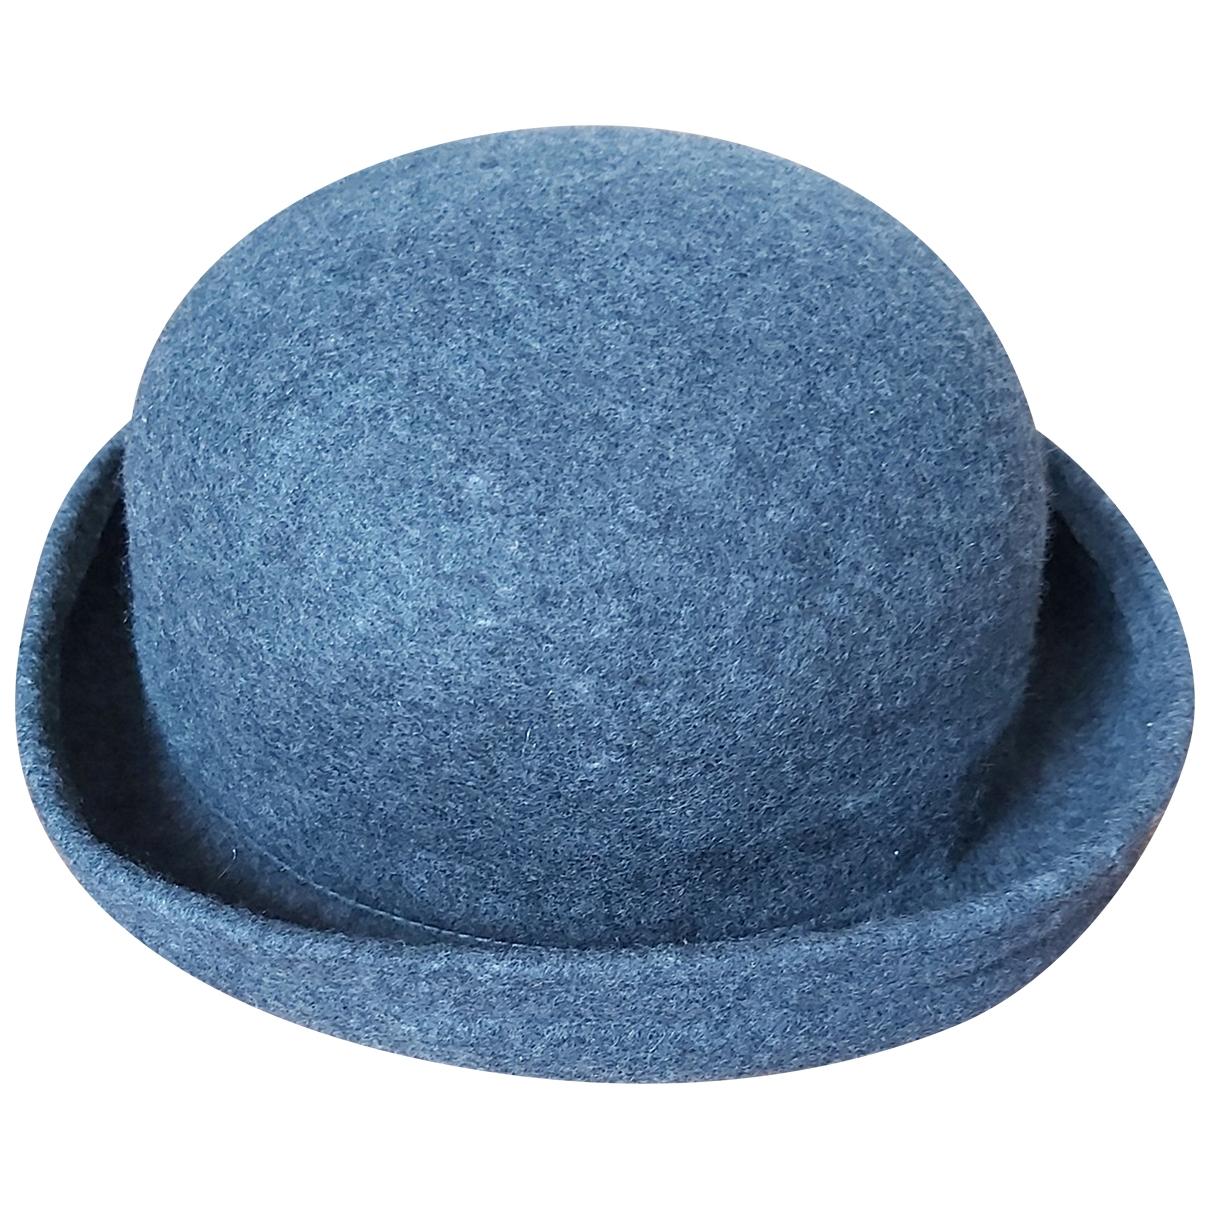 Max & Co - Chapeau   pour femme en laine - gris